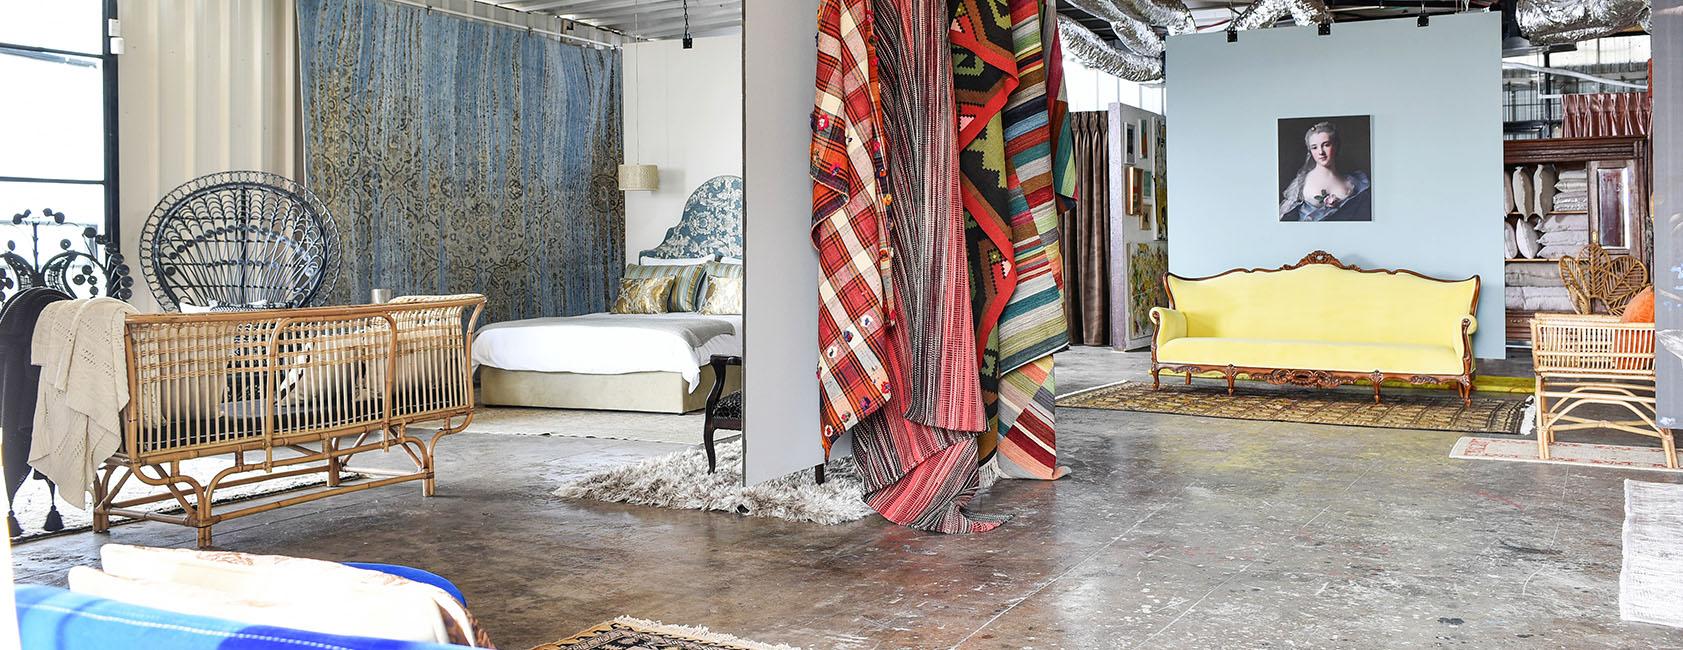 מיקלולה - גלריה לעיצוב חדרים בסלעית